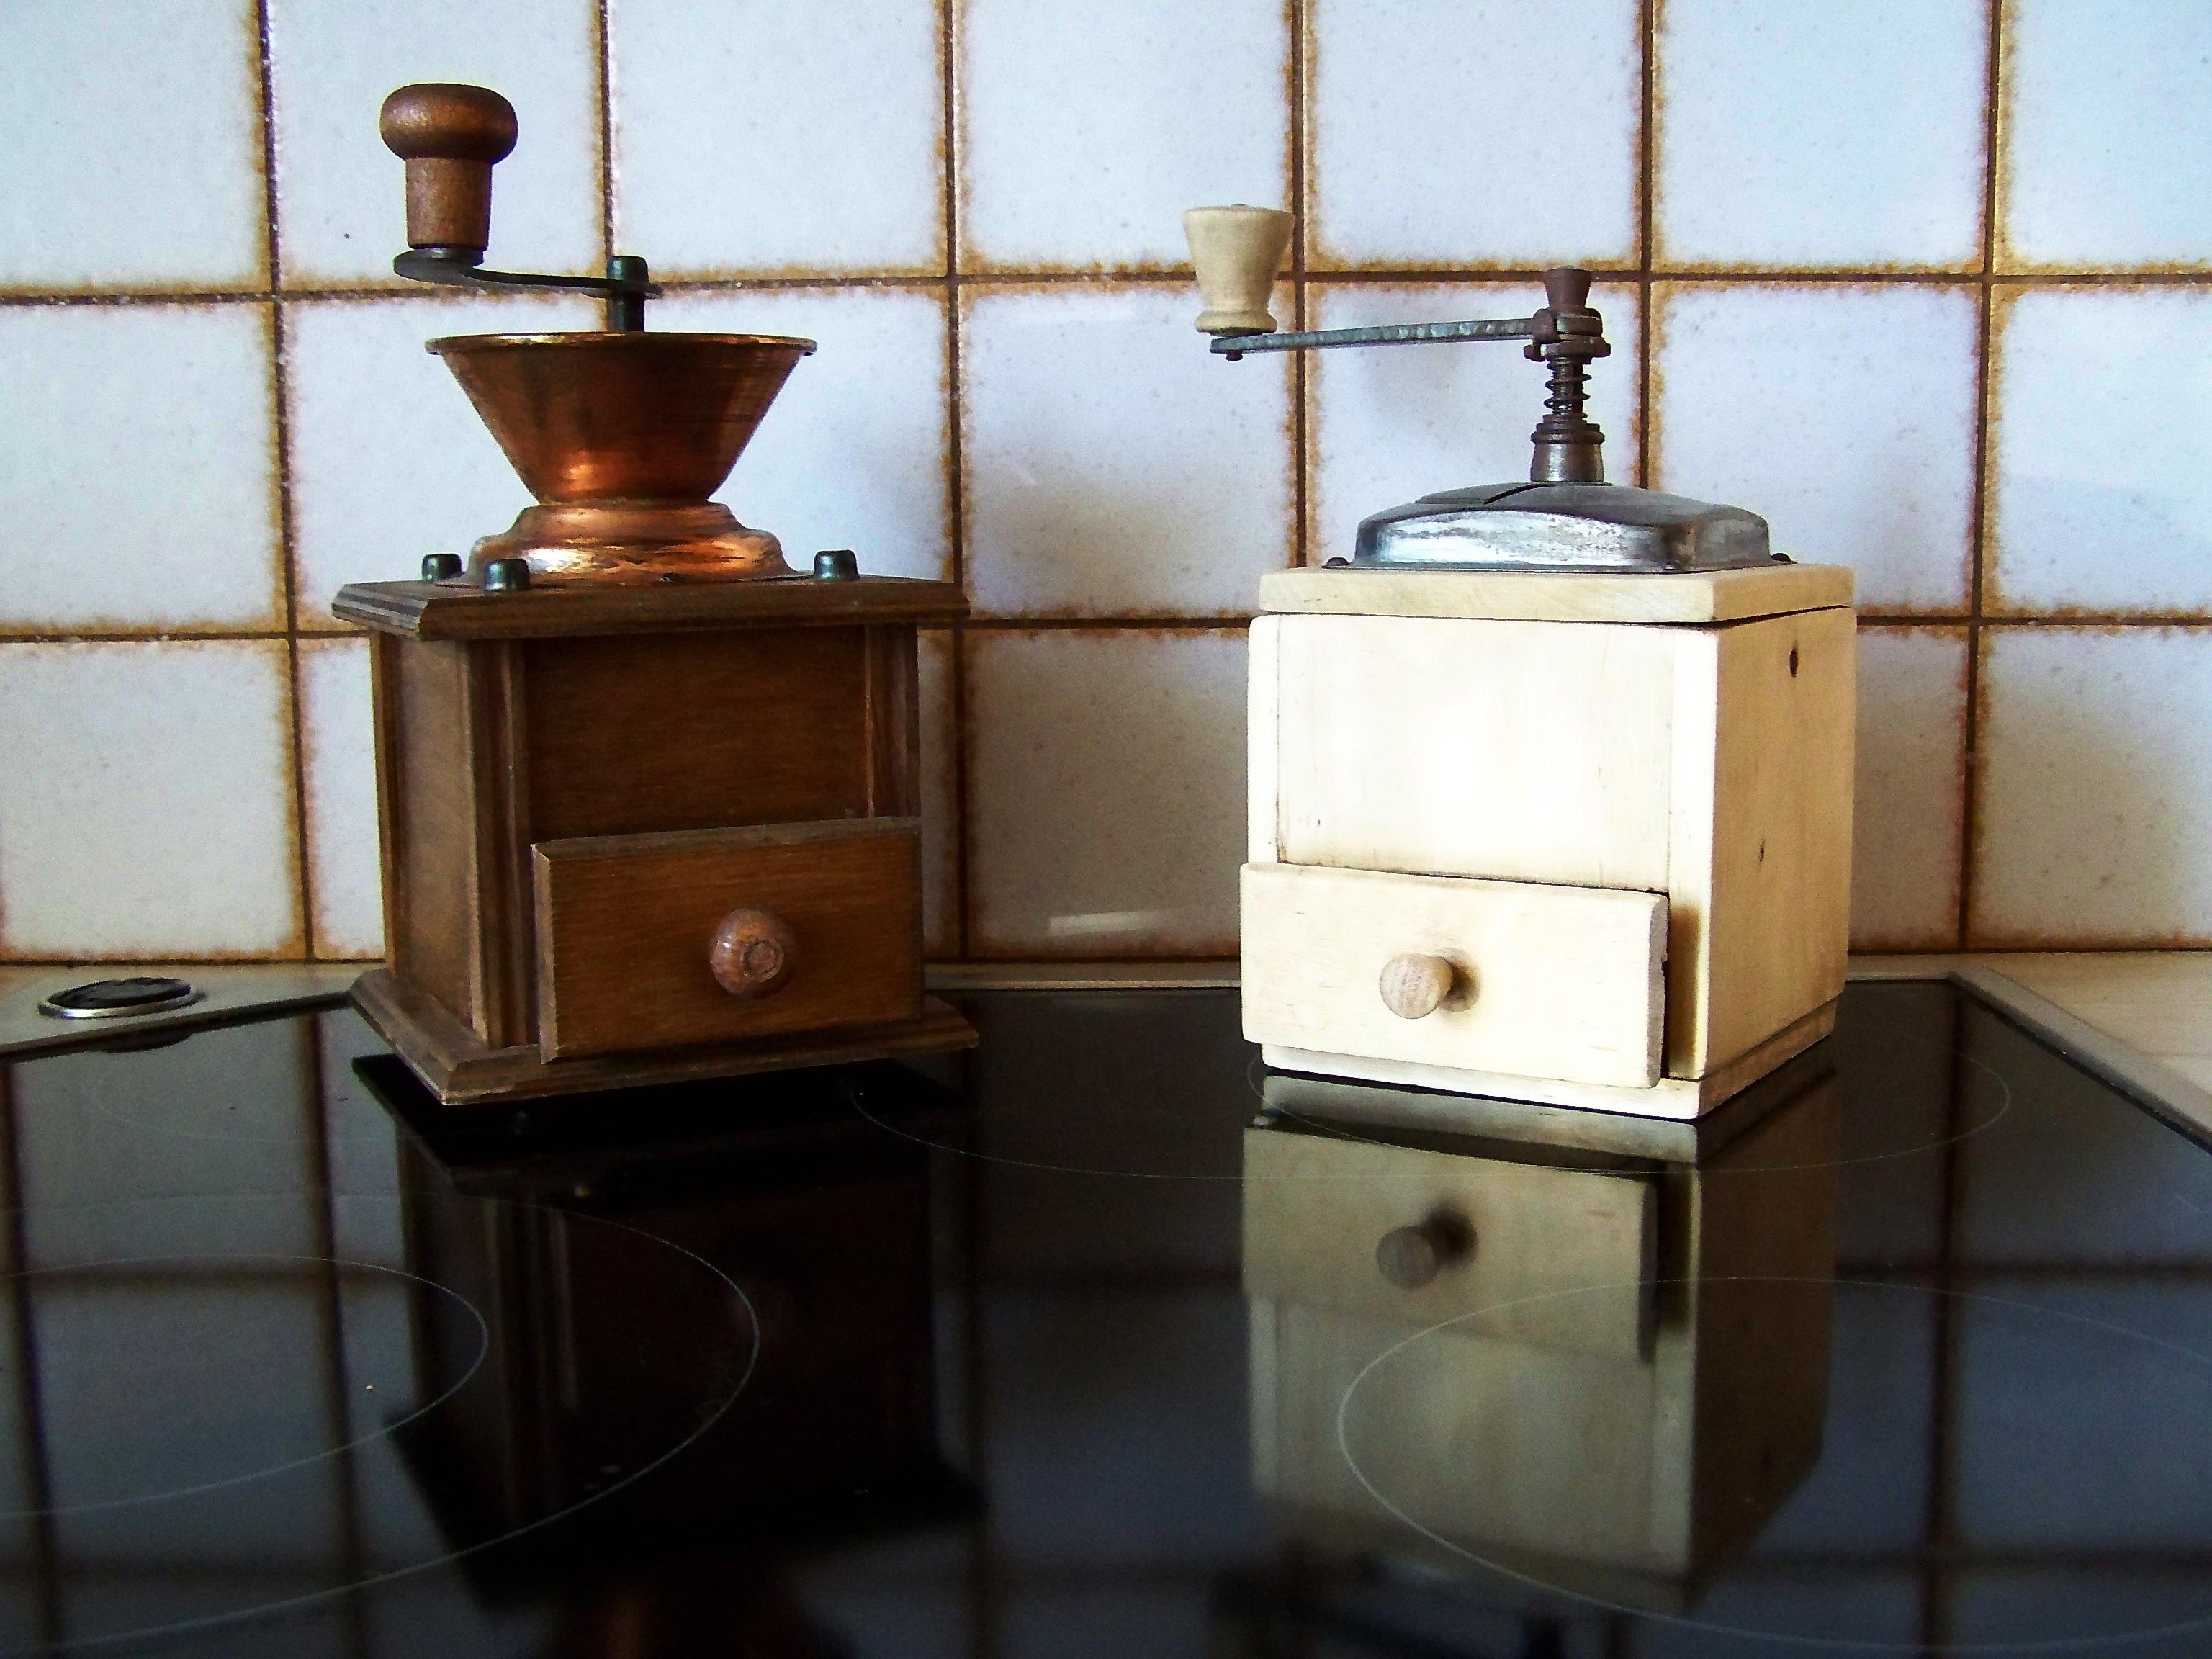 Immagini belle : legna antico mensola mobilia camera